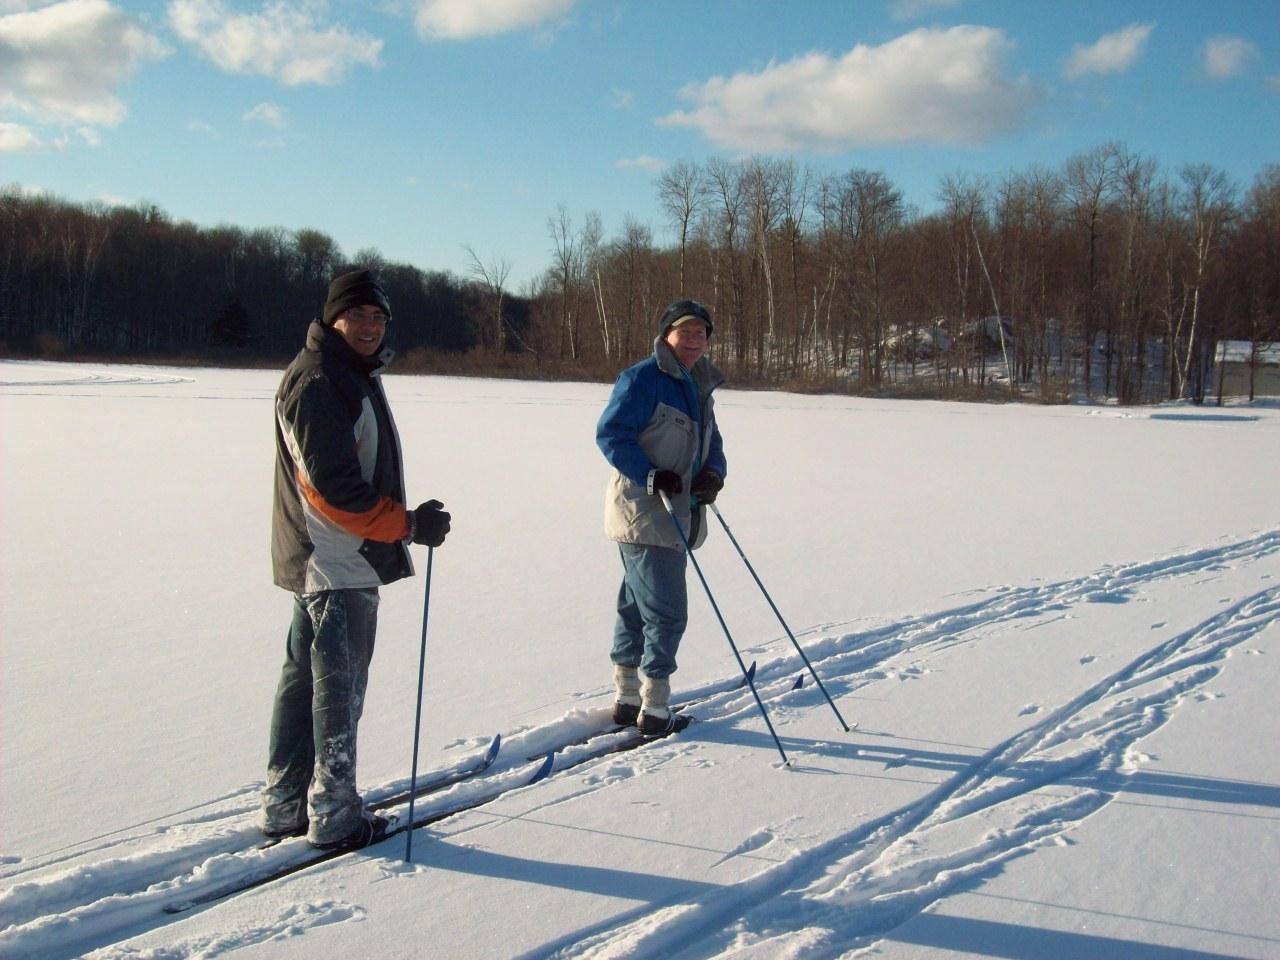 Skiing on lake.jpg